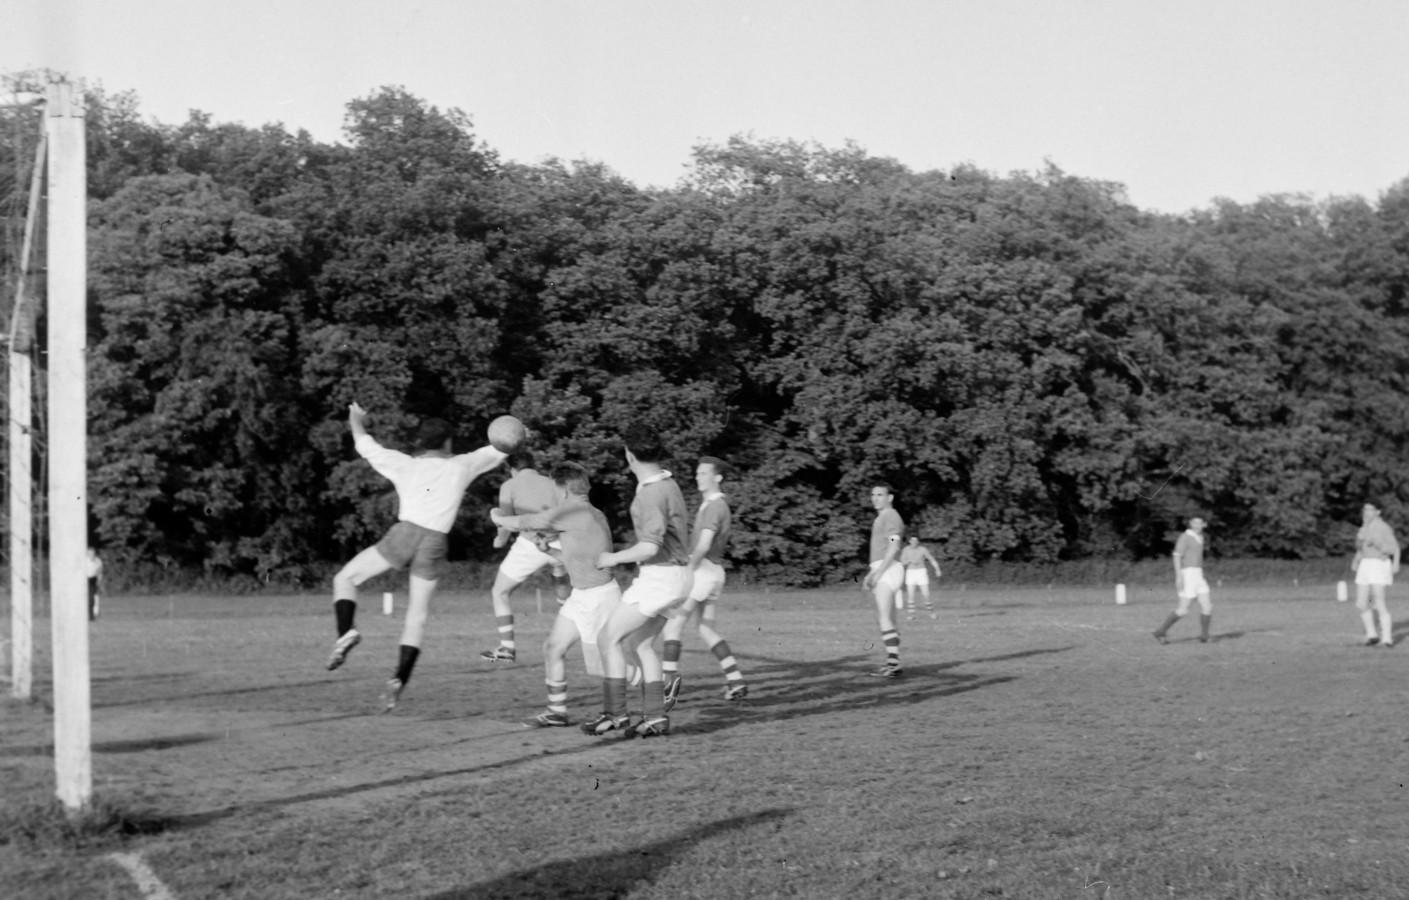 Voetbalwedstrijd PVV - ELI in Helmond op 13 juni 1963